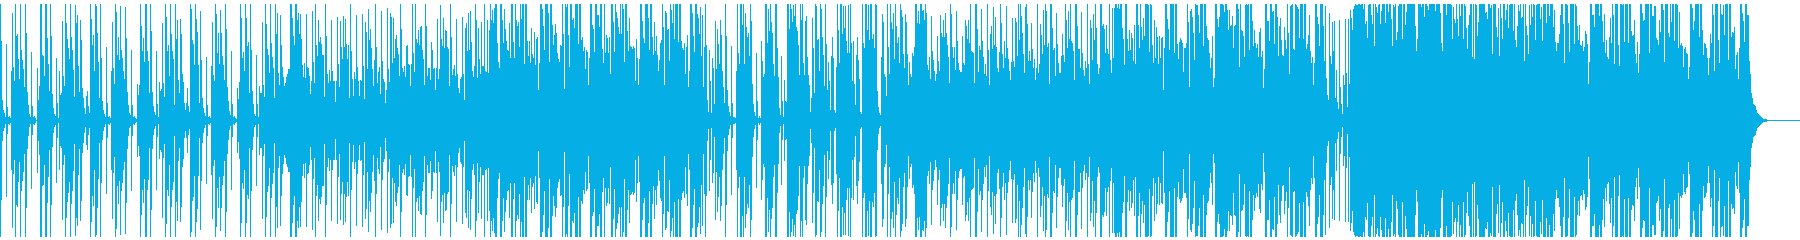 ゆったりテンポからサビはおけです。の再生済みの波形